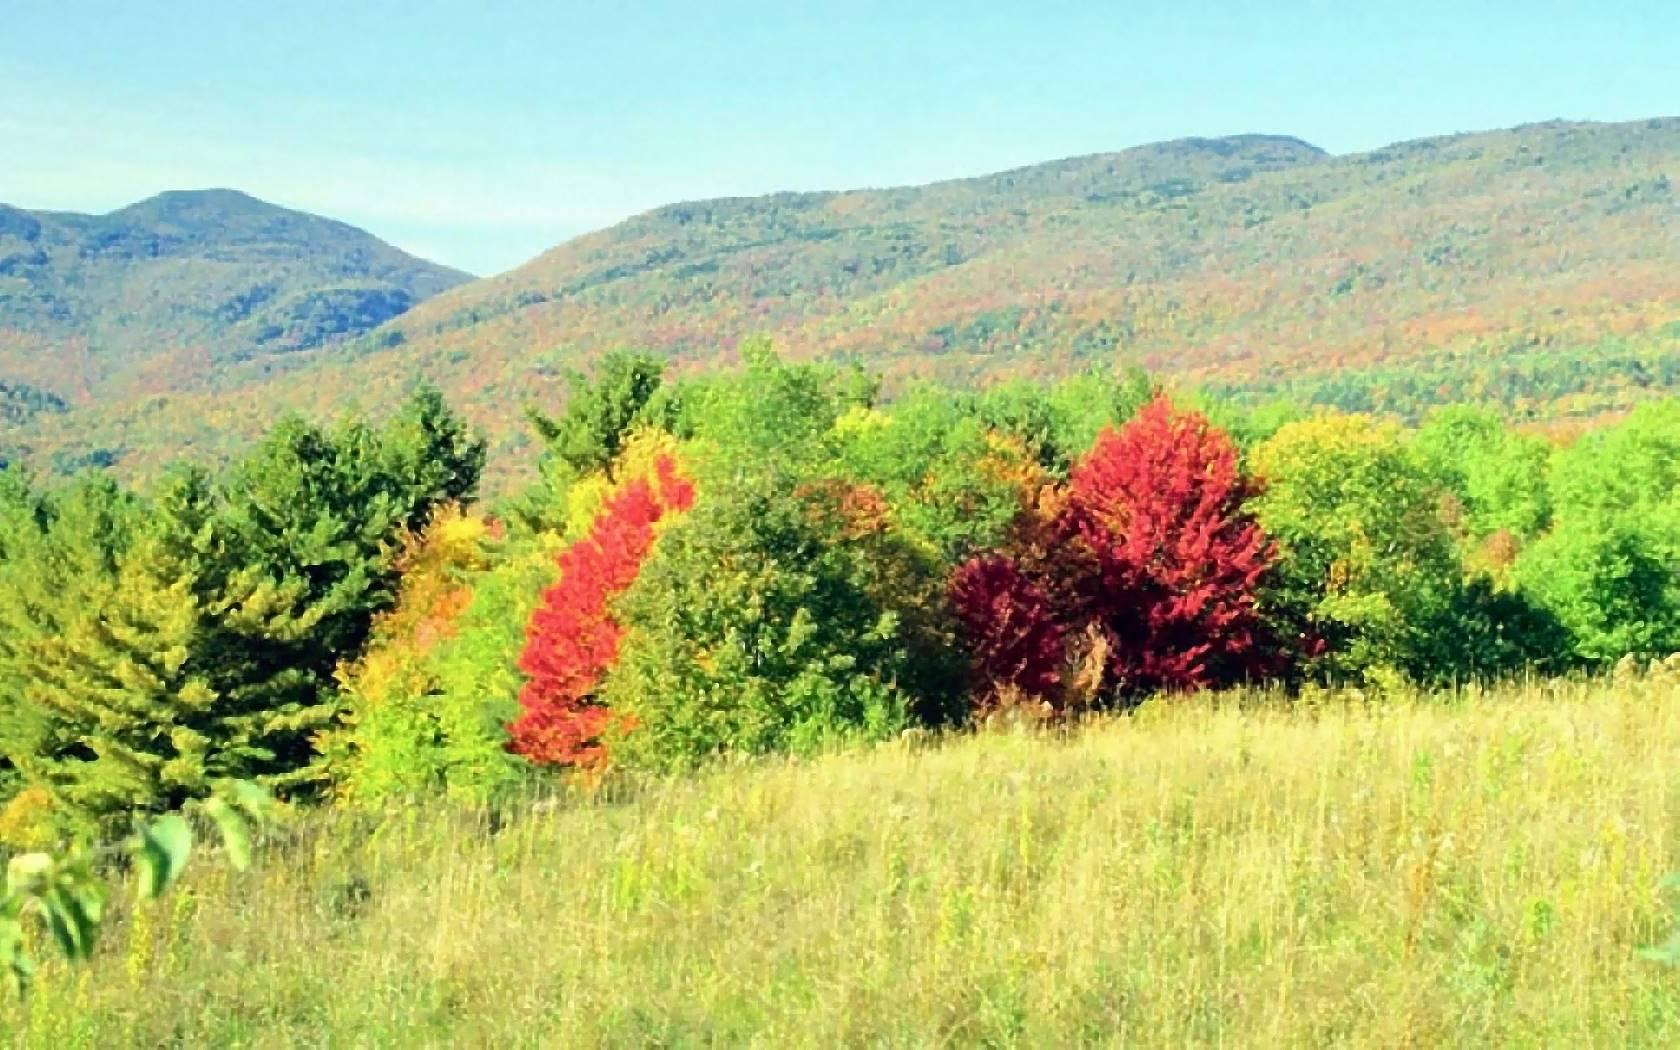 Kostenlose Bilder Herbst : fotos herbst kostenlos ~ Eleganceandgraceweddings.com Haus und Dekorationen